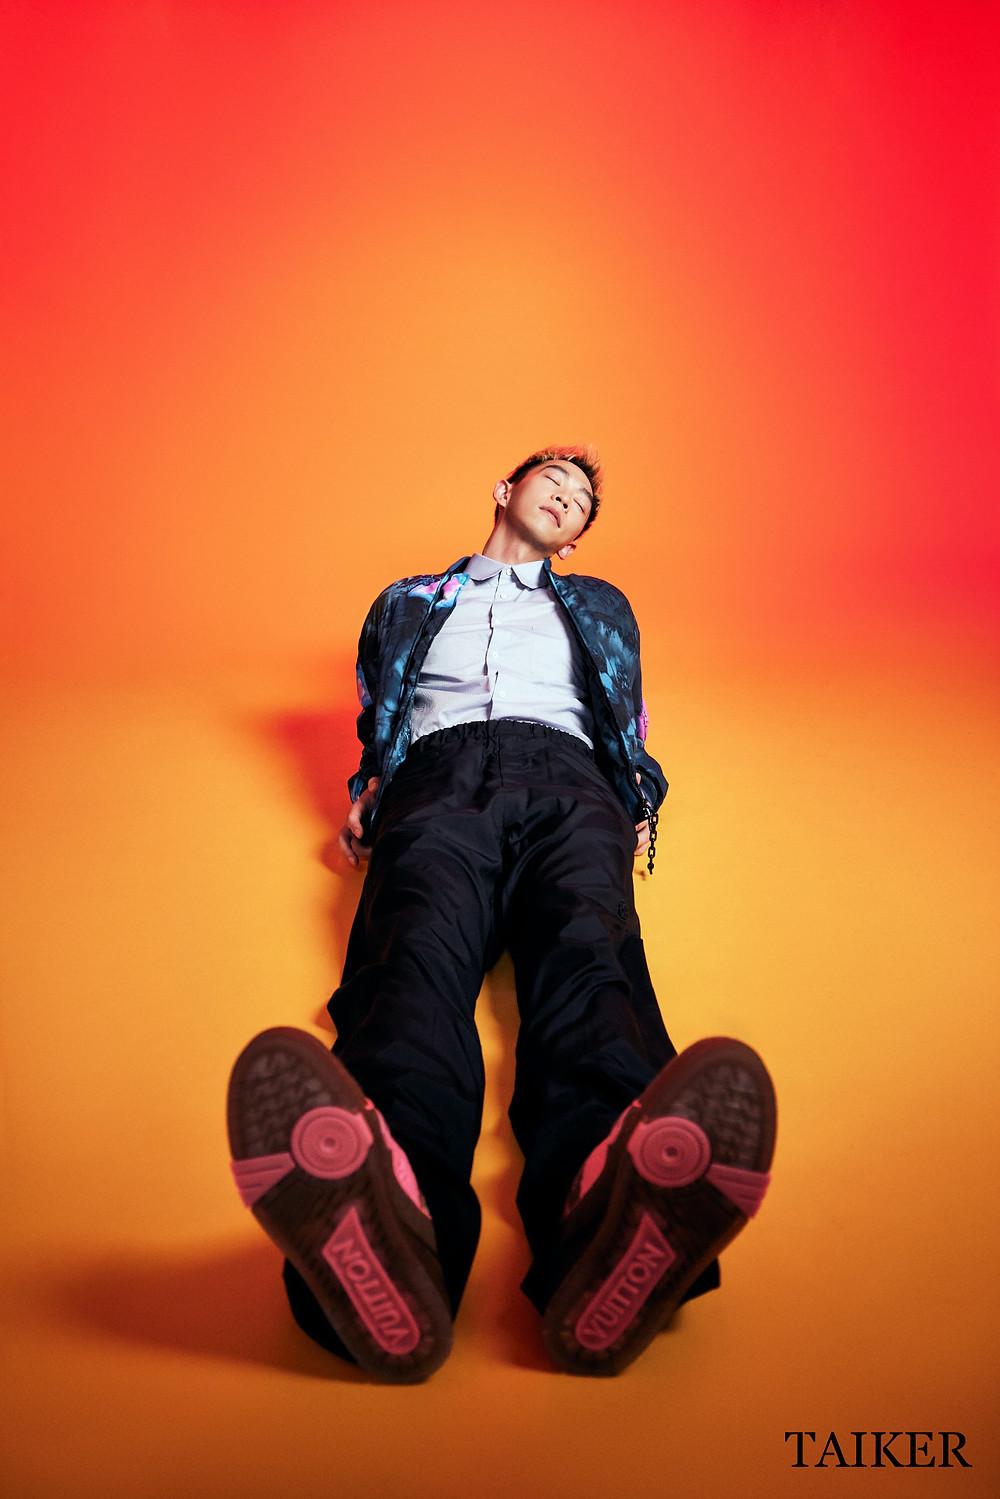 塗鴉幾何印花飛行員外套、黑色西裝長褲、淺藍色襯衫、螢光桃紅色運動鞋 by Louis Vuitton